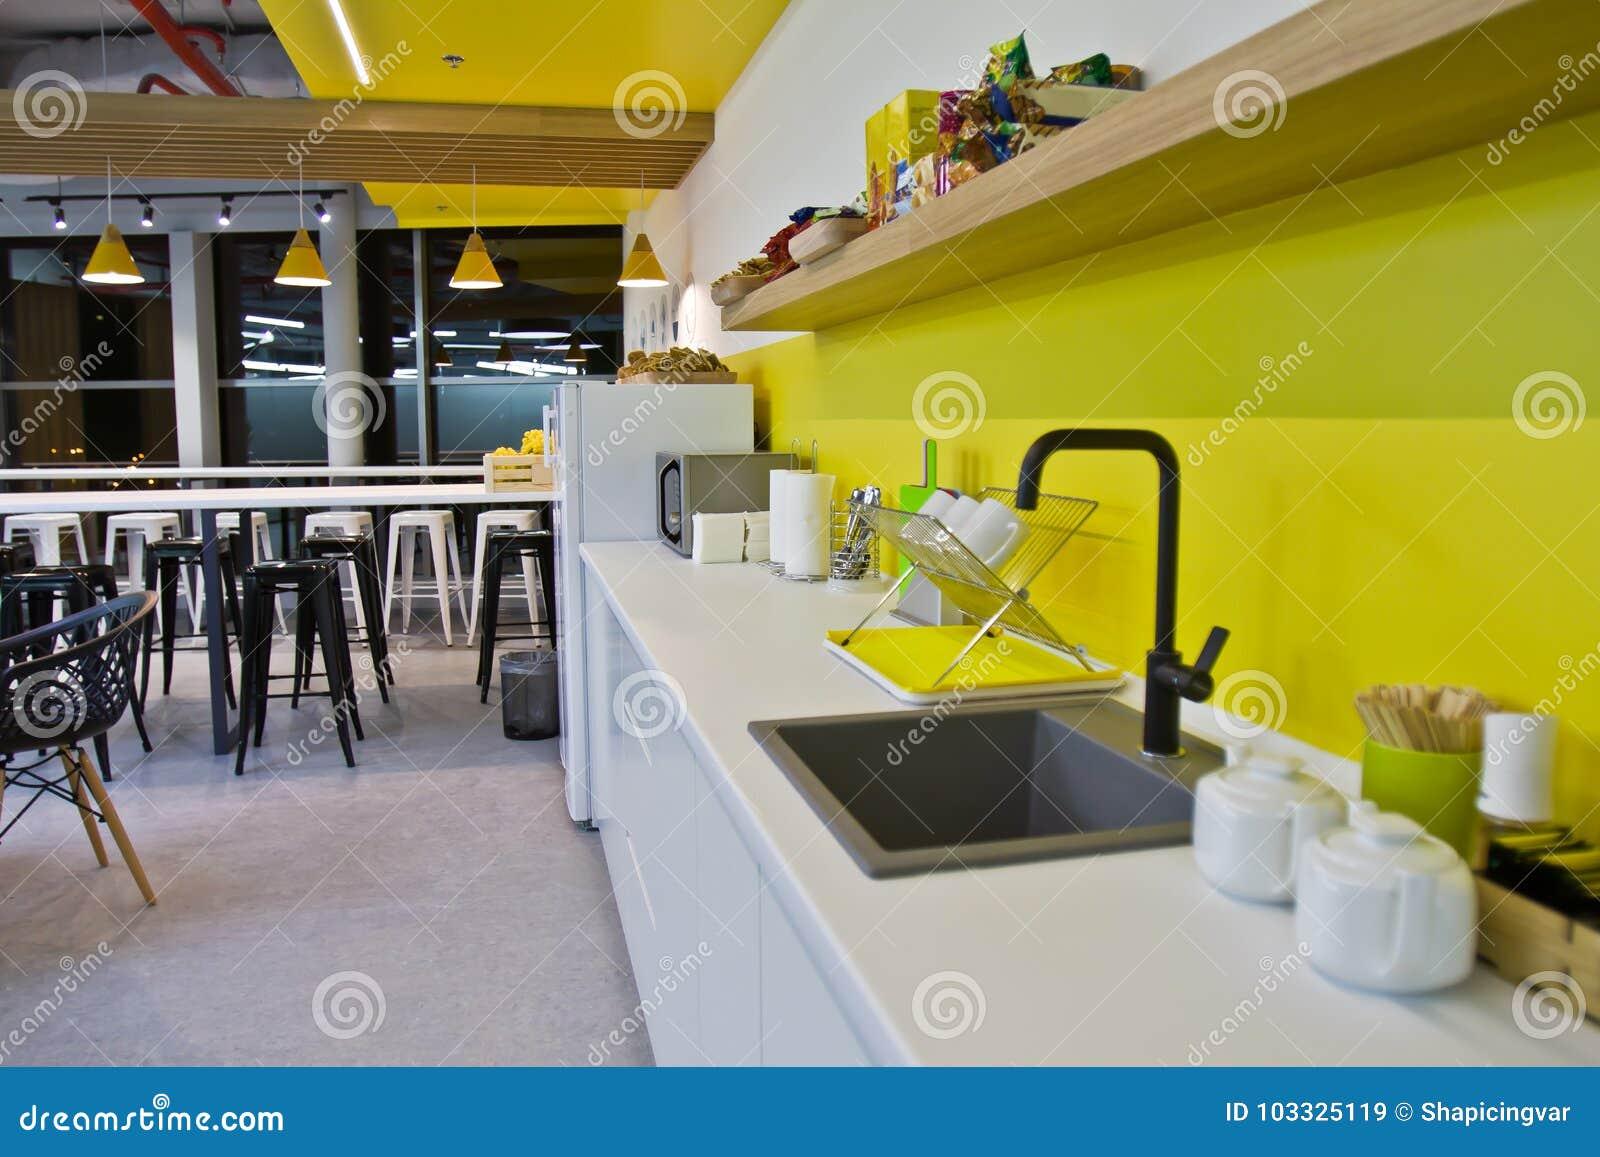 luxusesszimmer, kleines büro und moderne weiße küche wiedergabe 3d